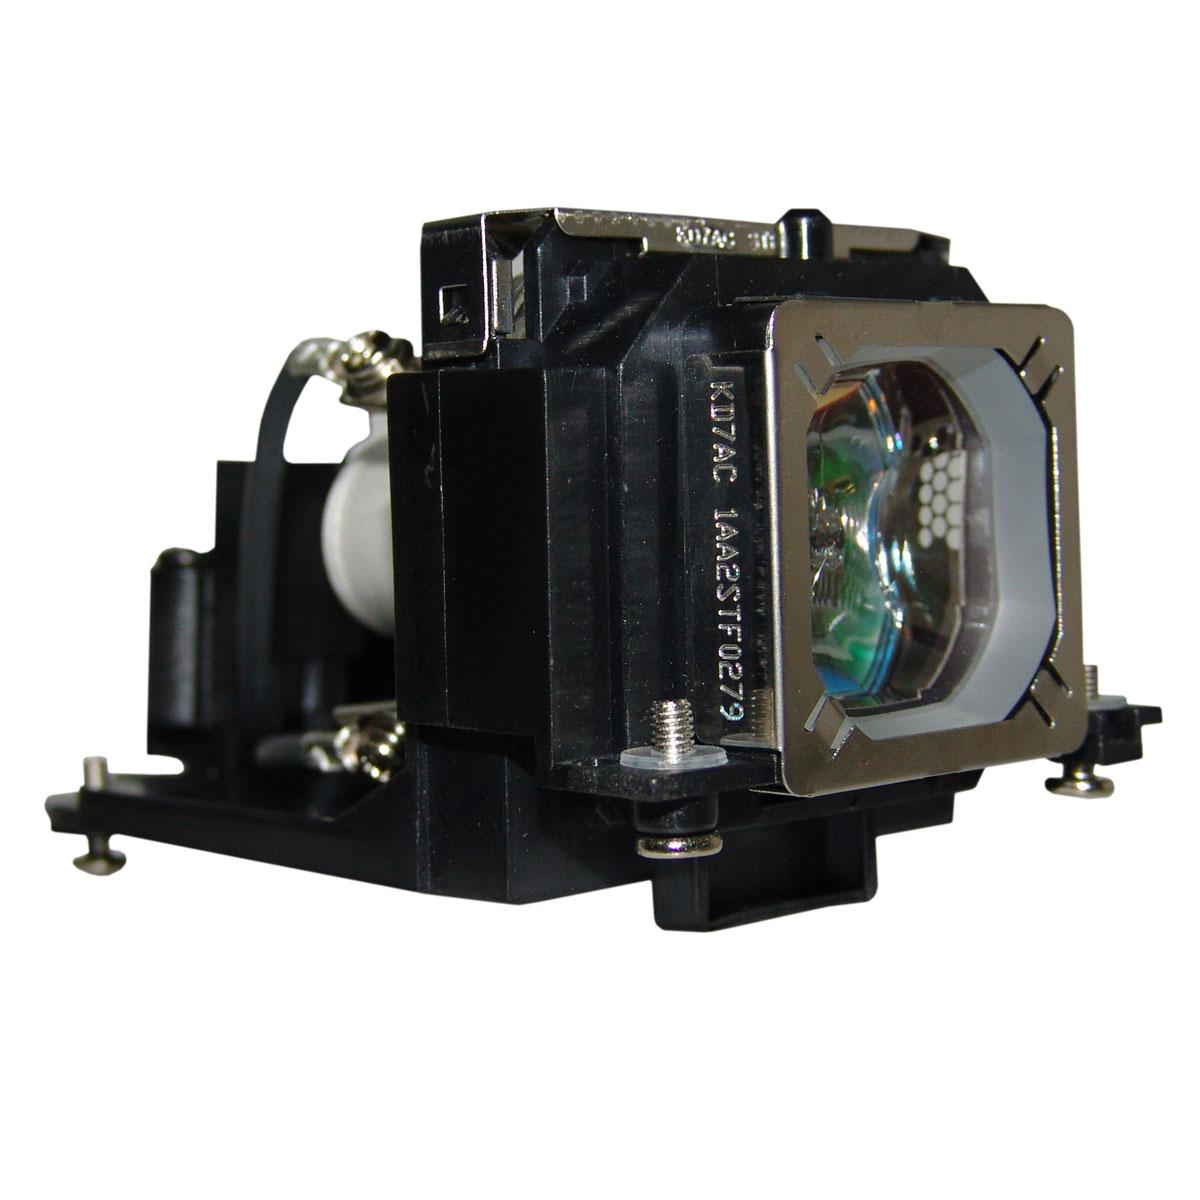 Eiki Lc Xd25u Projector Lamp Module 1